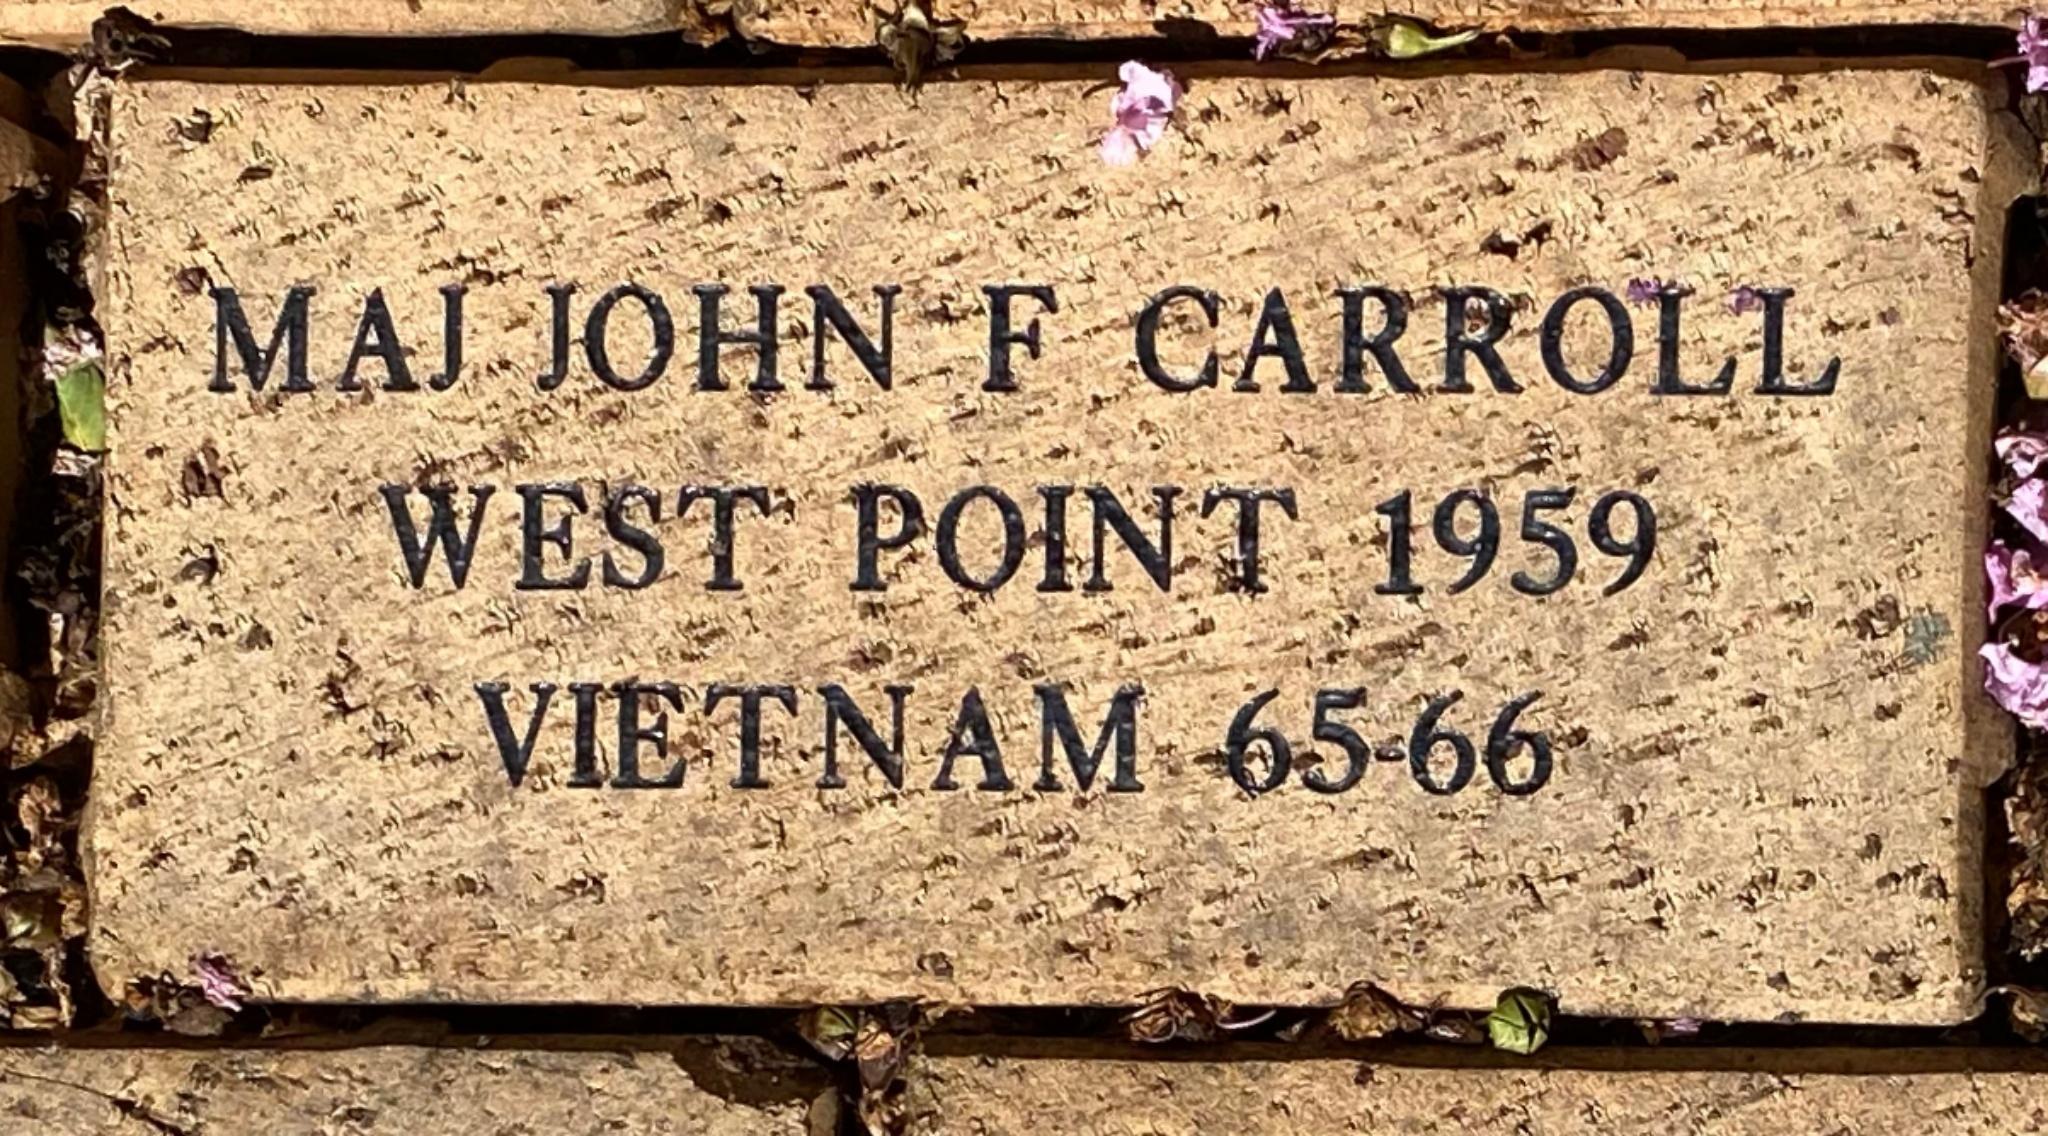 MAJ JOHN F CARROLL WEST POINT 1959 VIETNAM 65-66